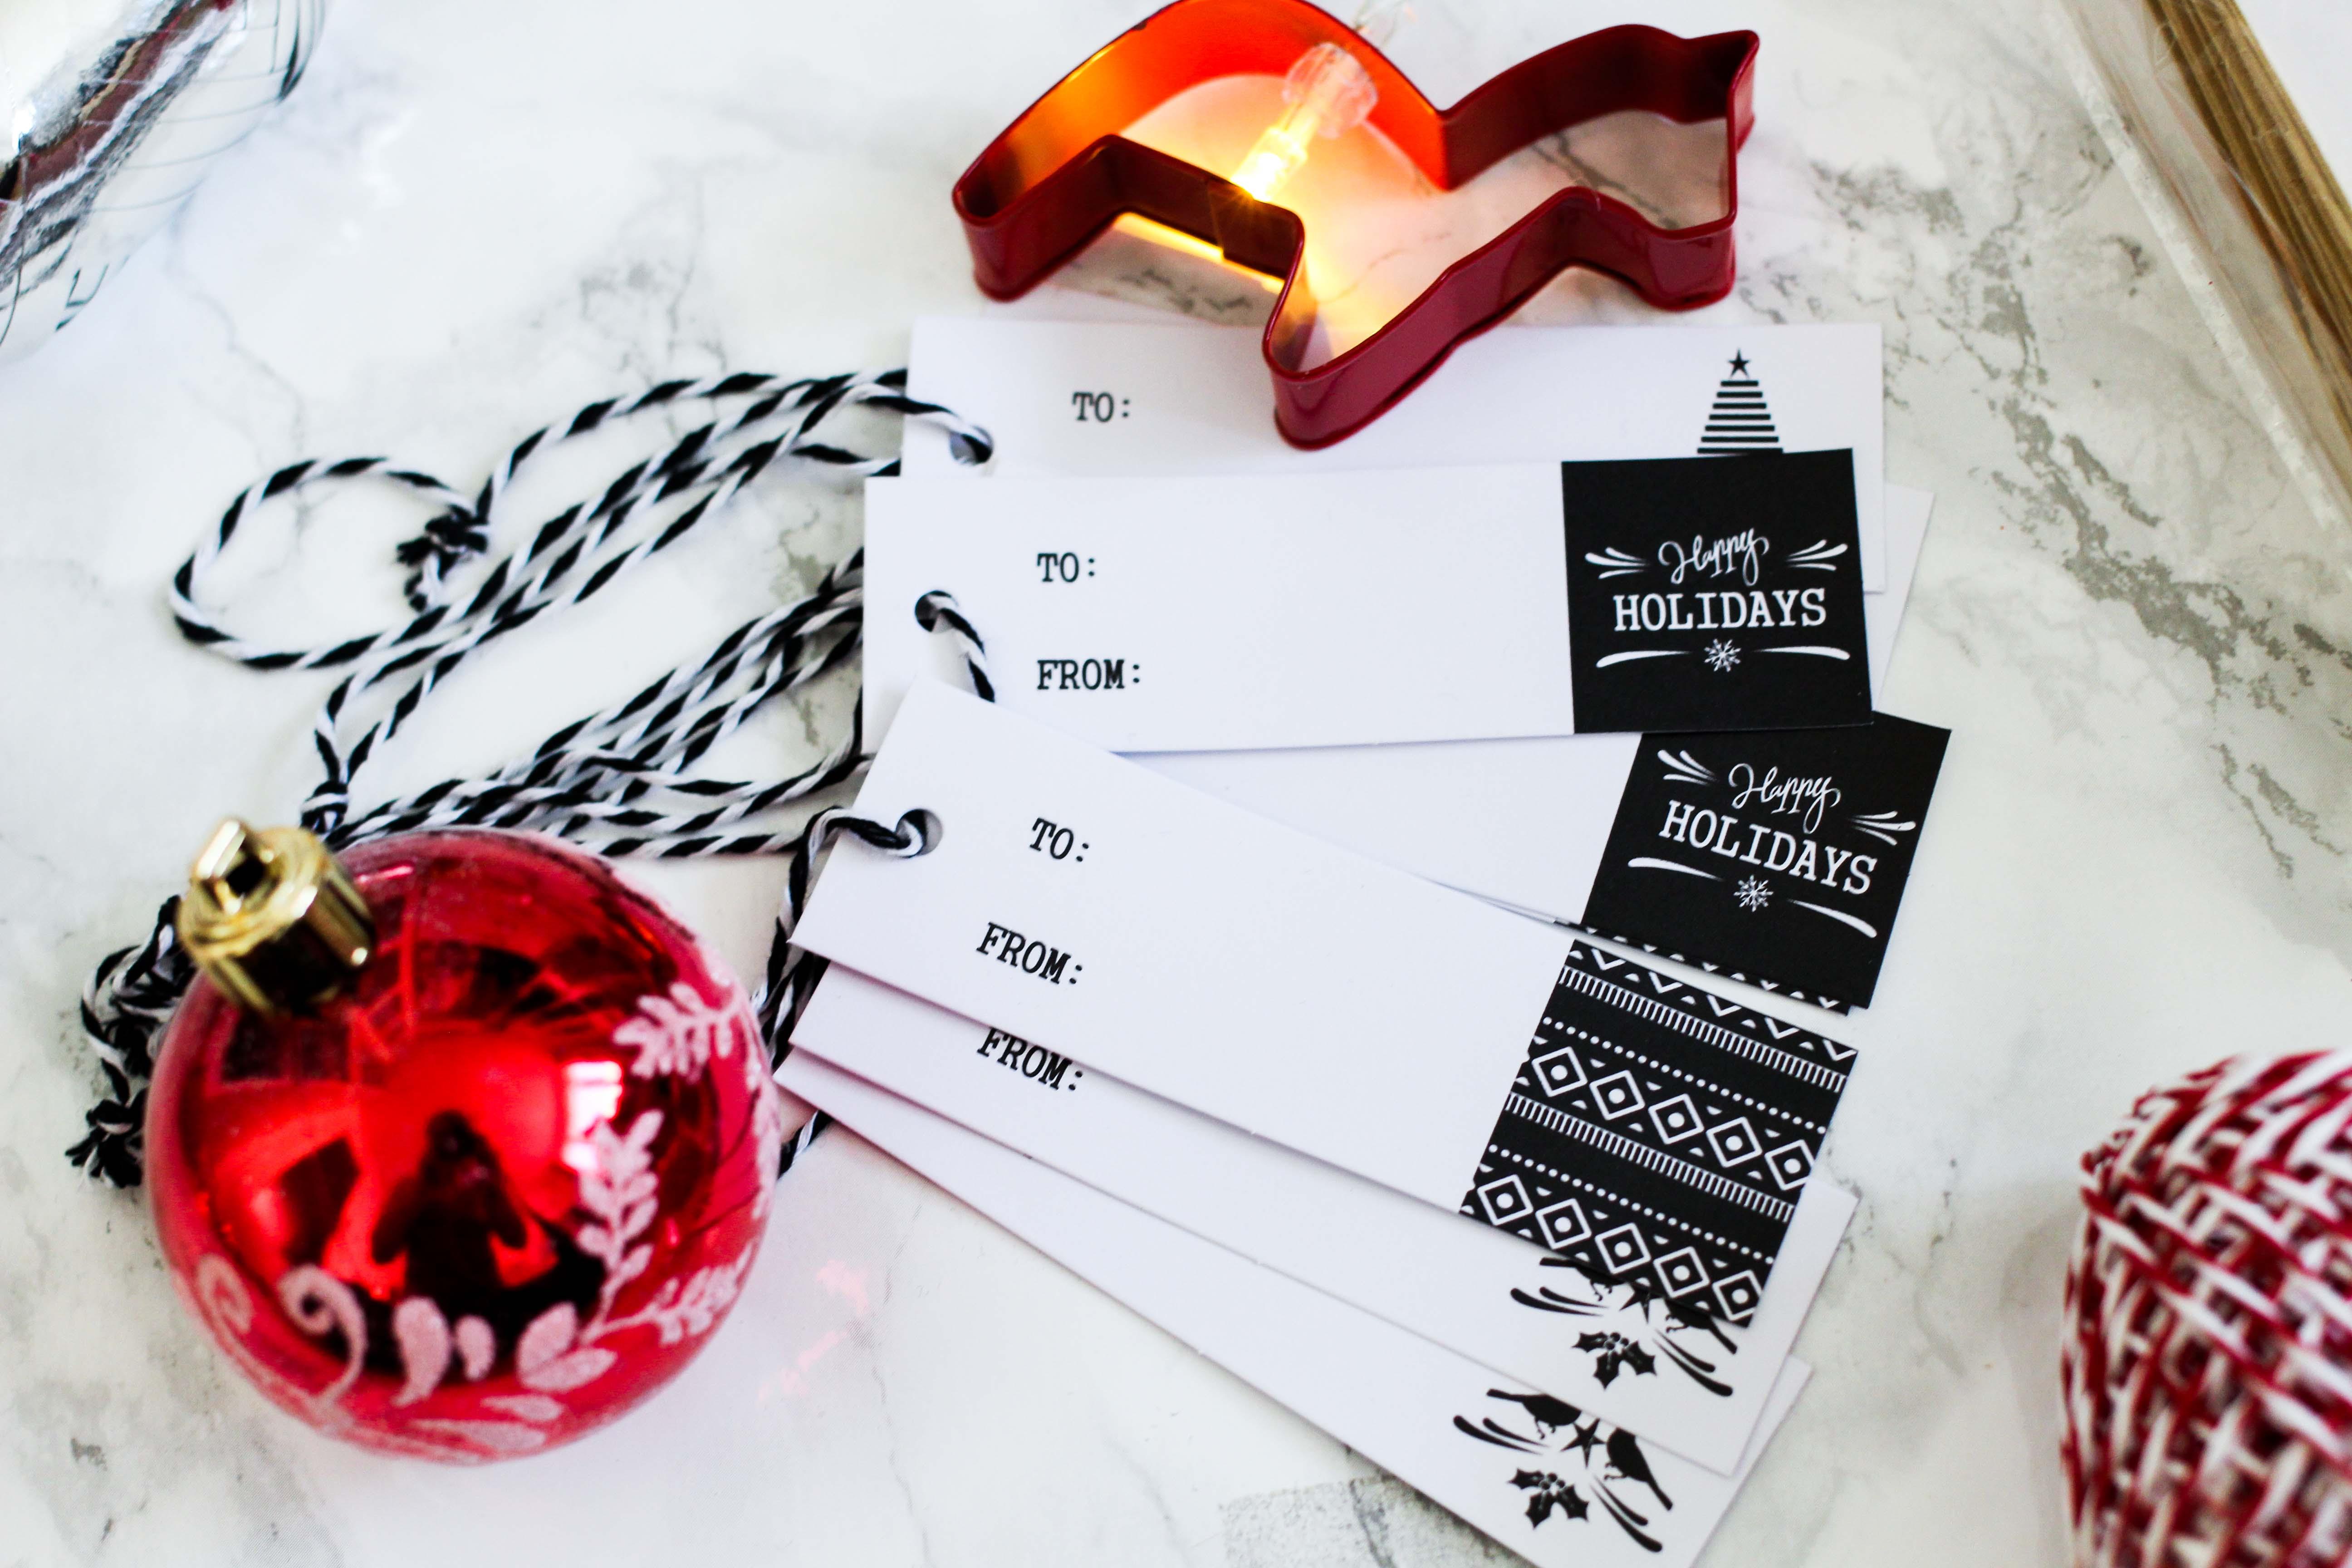 Geschenke kreativ einpacken Weihnachten Kreativer Christmas Gift Wrapping Guide Clas Ohlson Geschenkpapier Anhänger von für